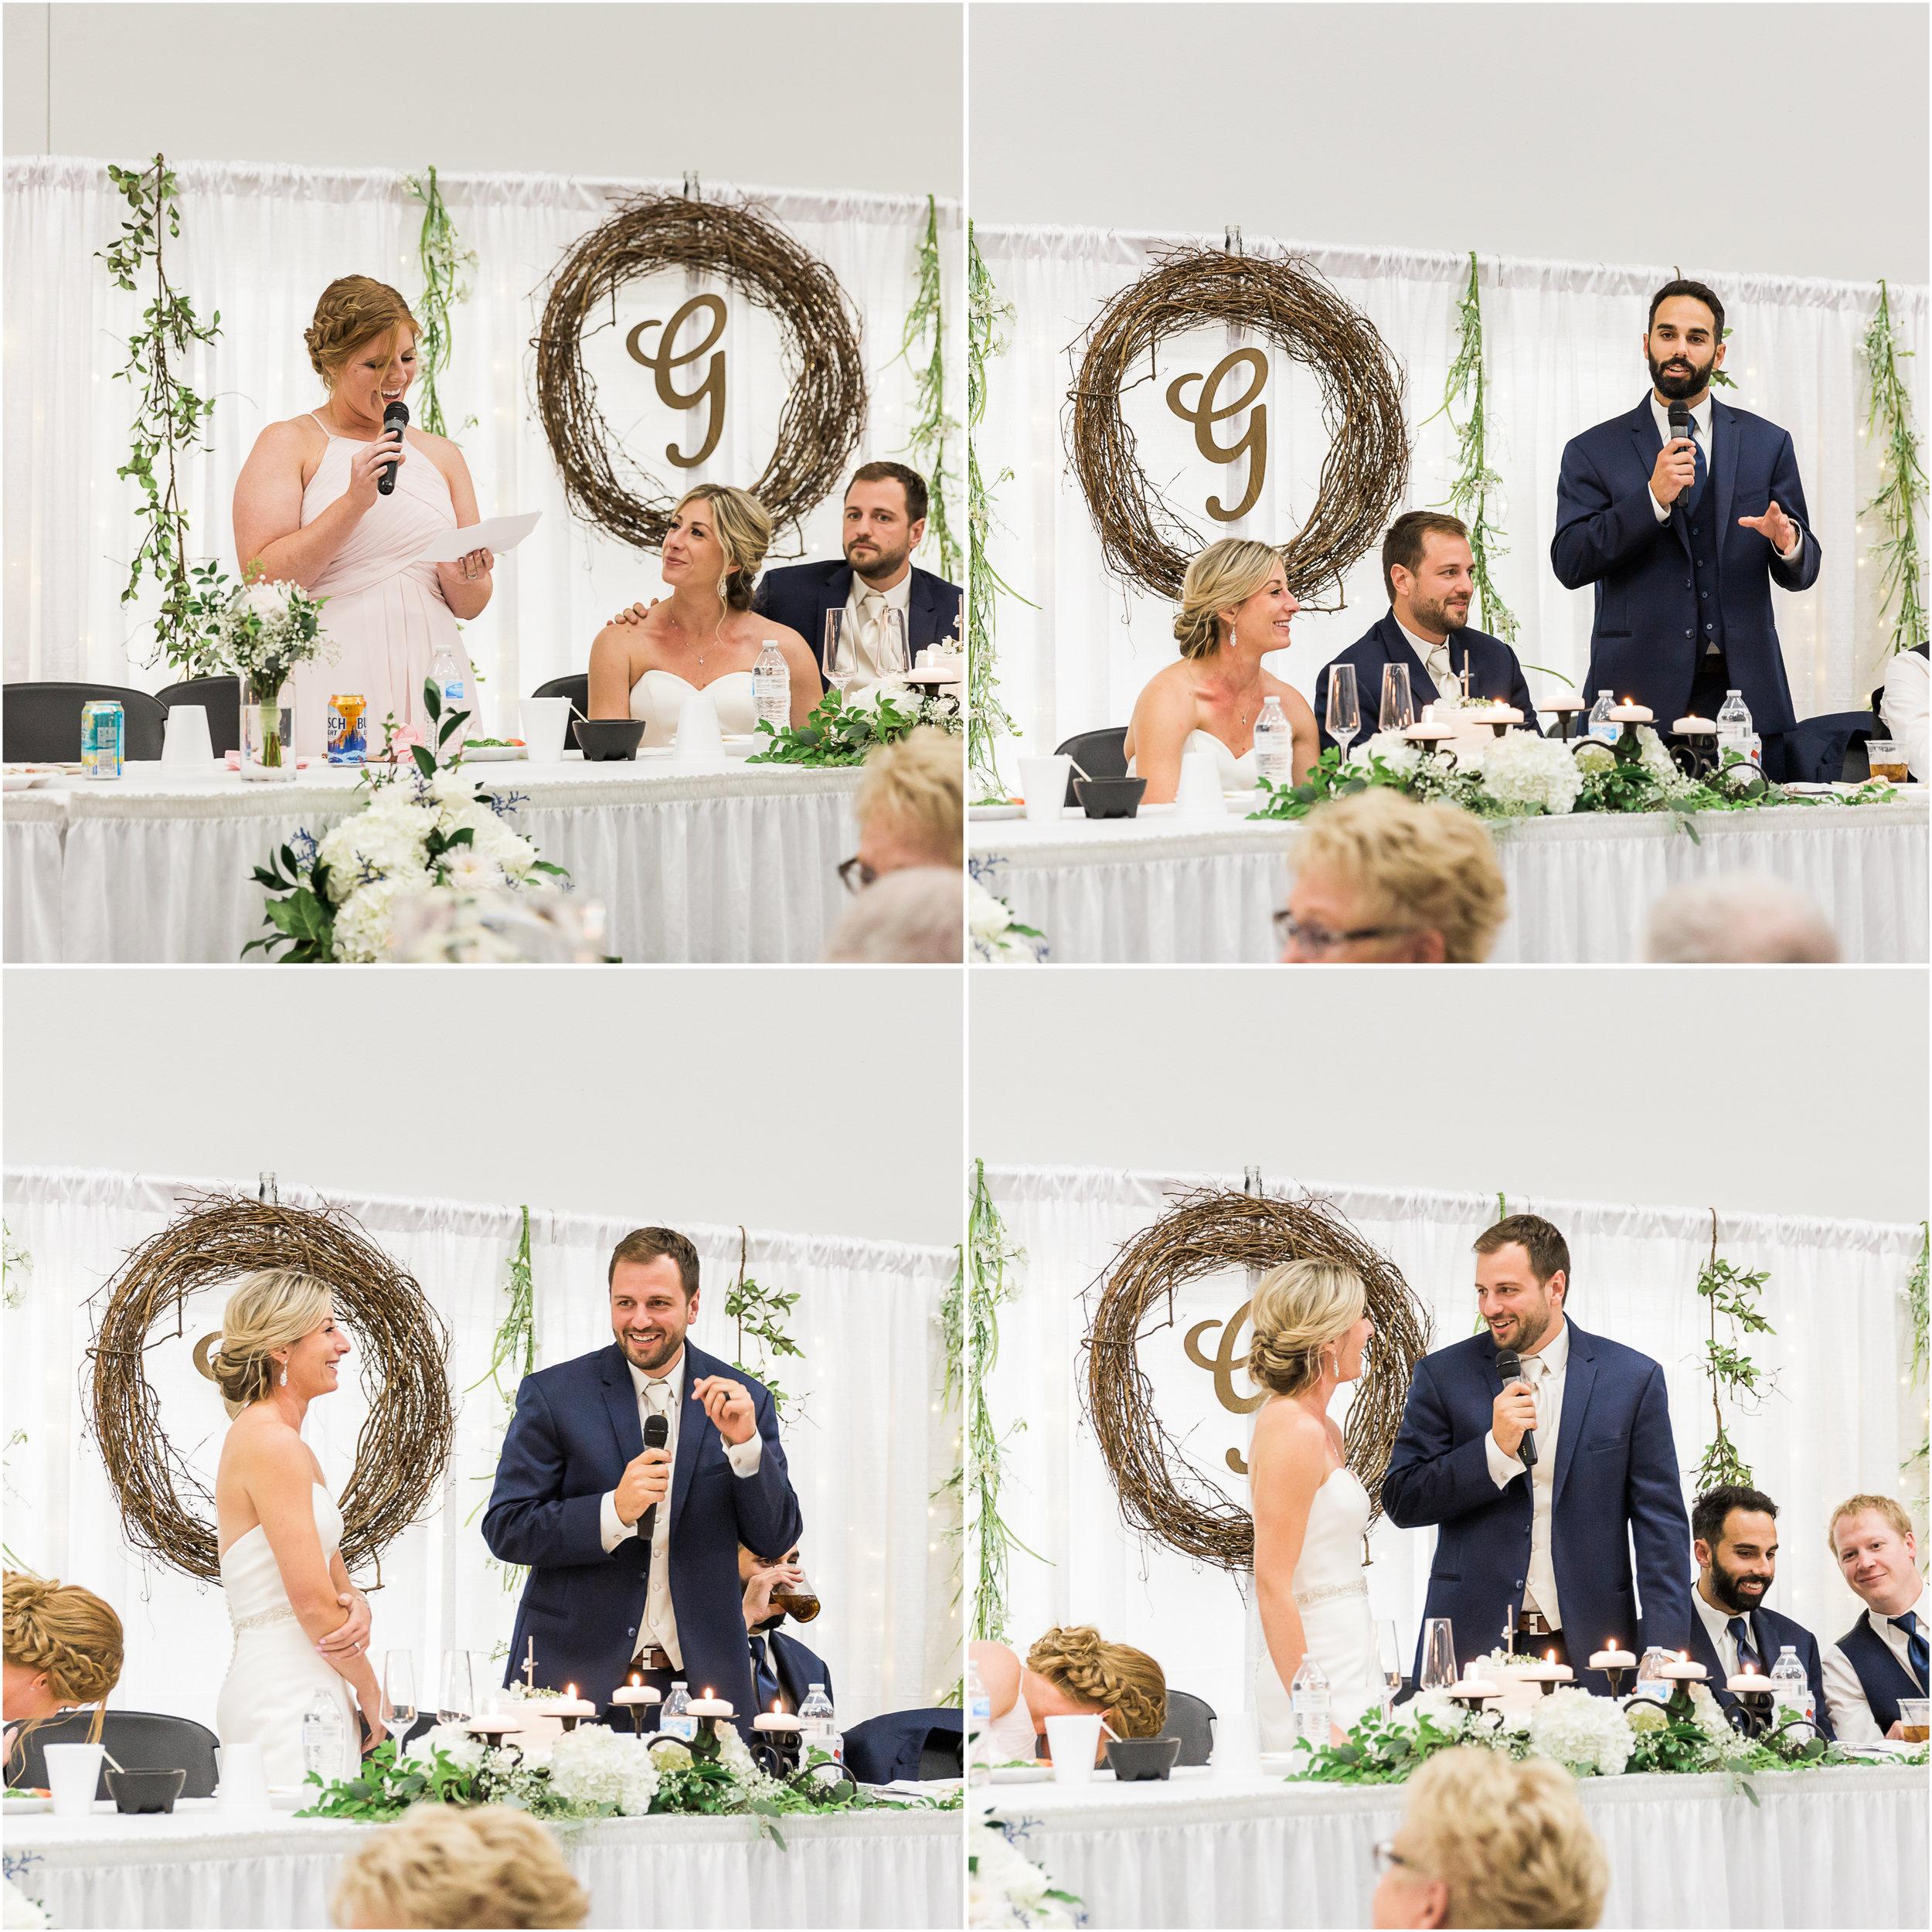 heartfeltcentraliowawedding14.jpg